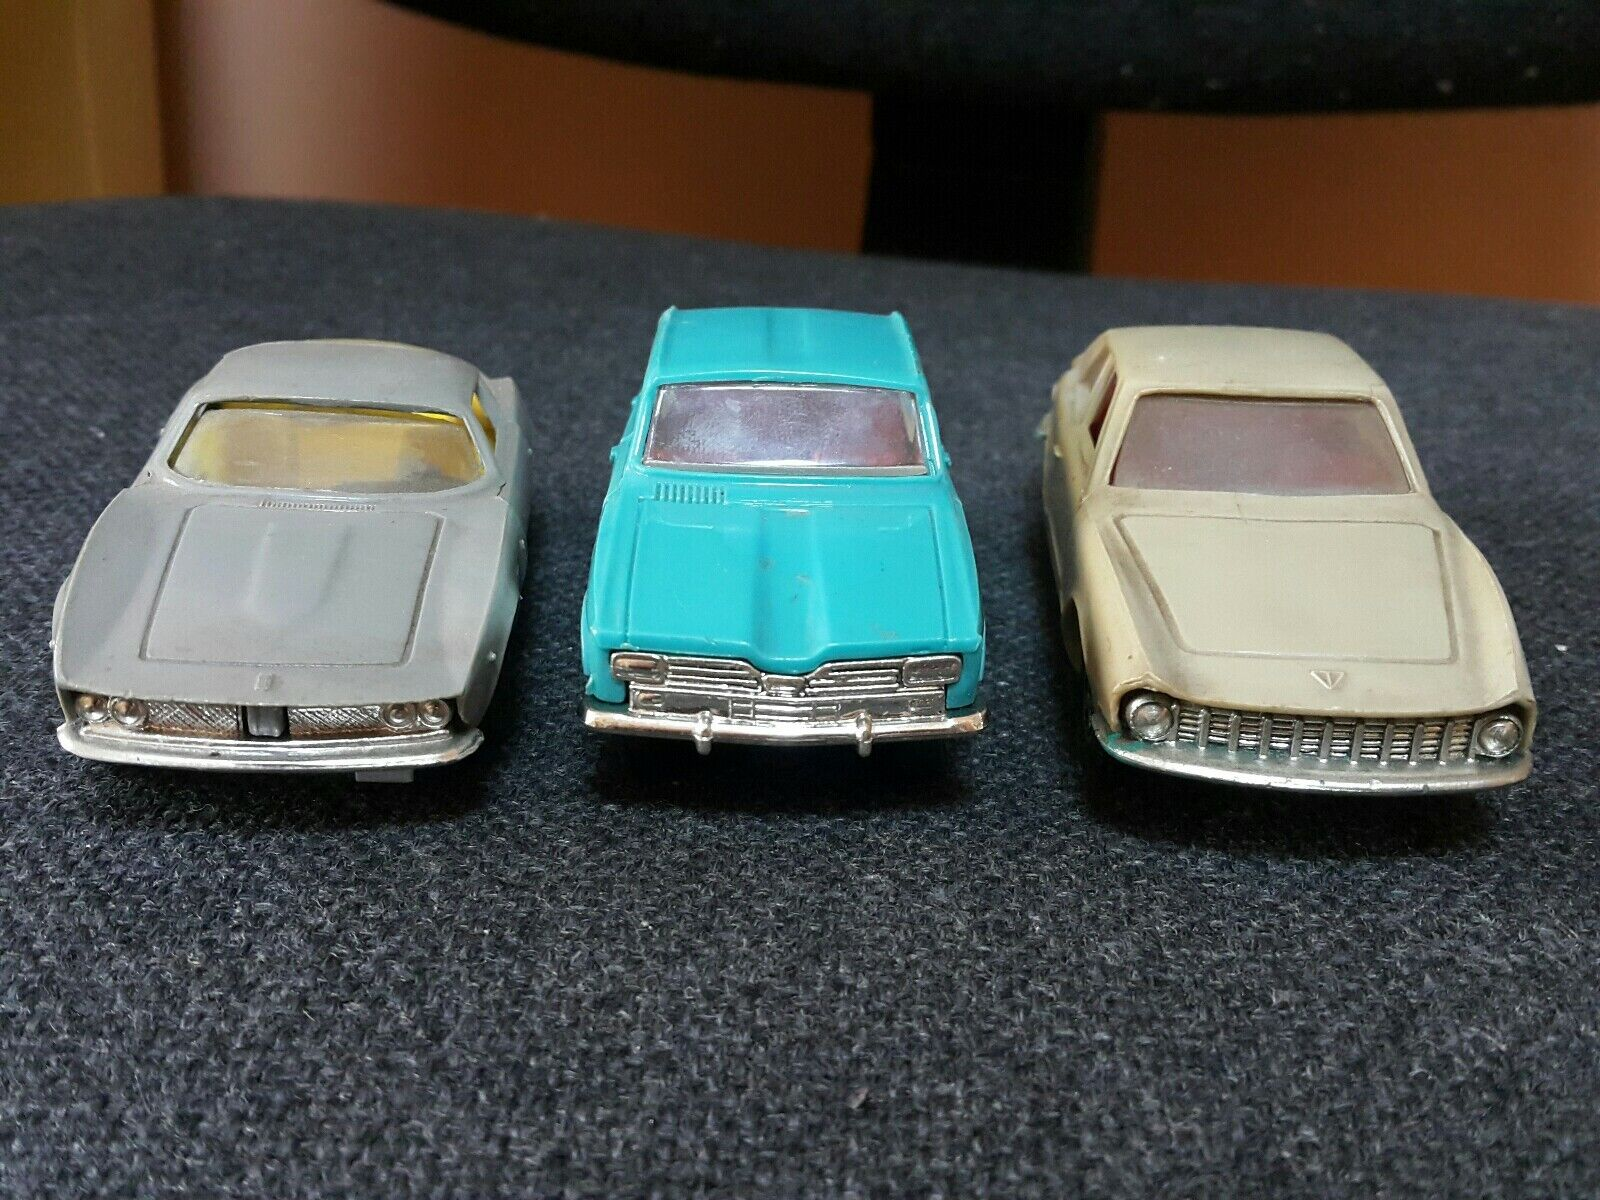 nuevo sádico Vntg. Renault 16, Iso Grifo, Ghia V. 280 Coches Coches Coches De Juguete Made in USSR plástico 1 43  gran selección y entrega rápida